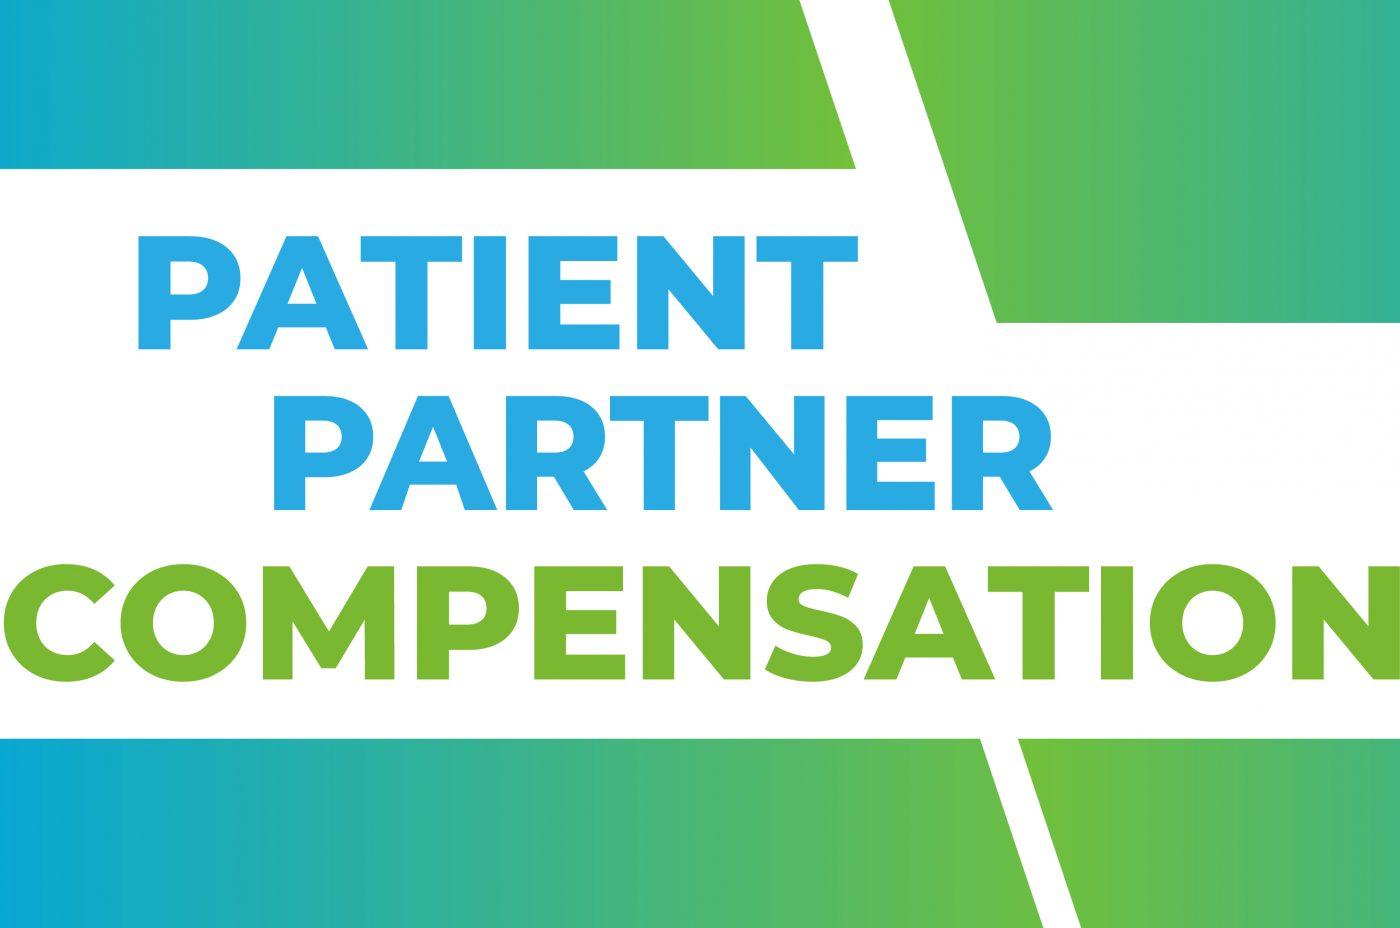 Patient Partner Compensation